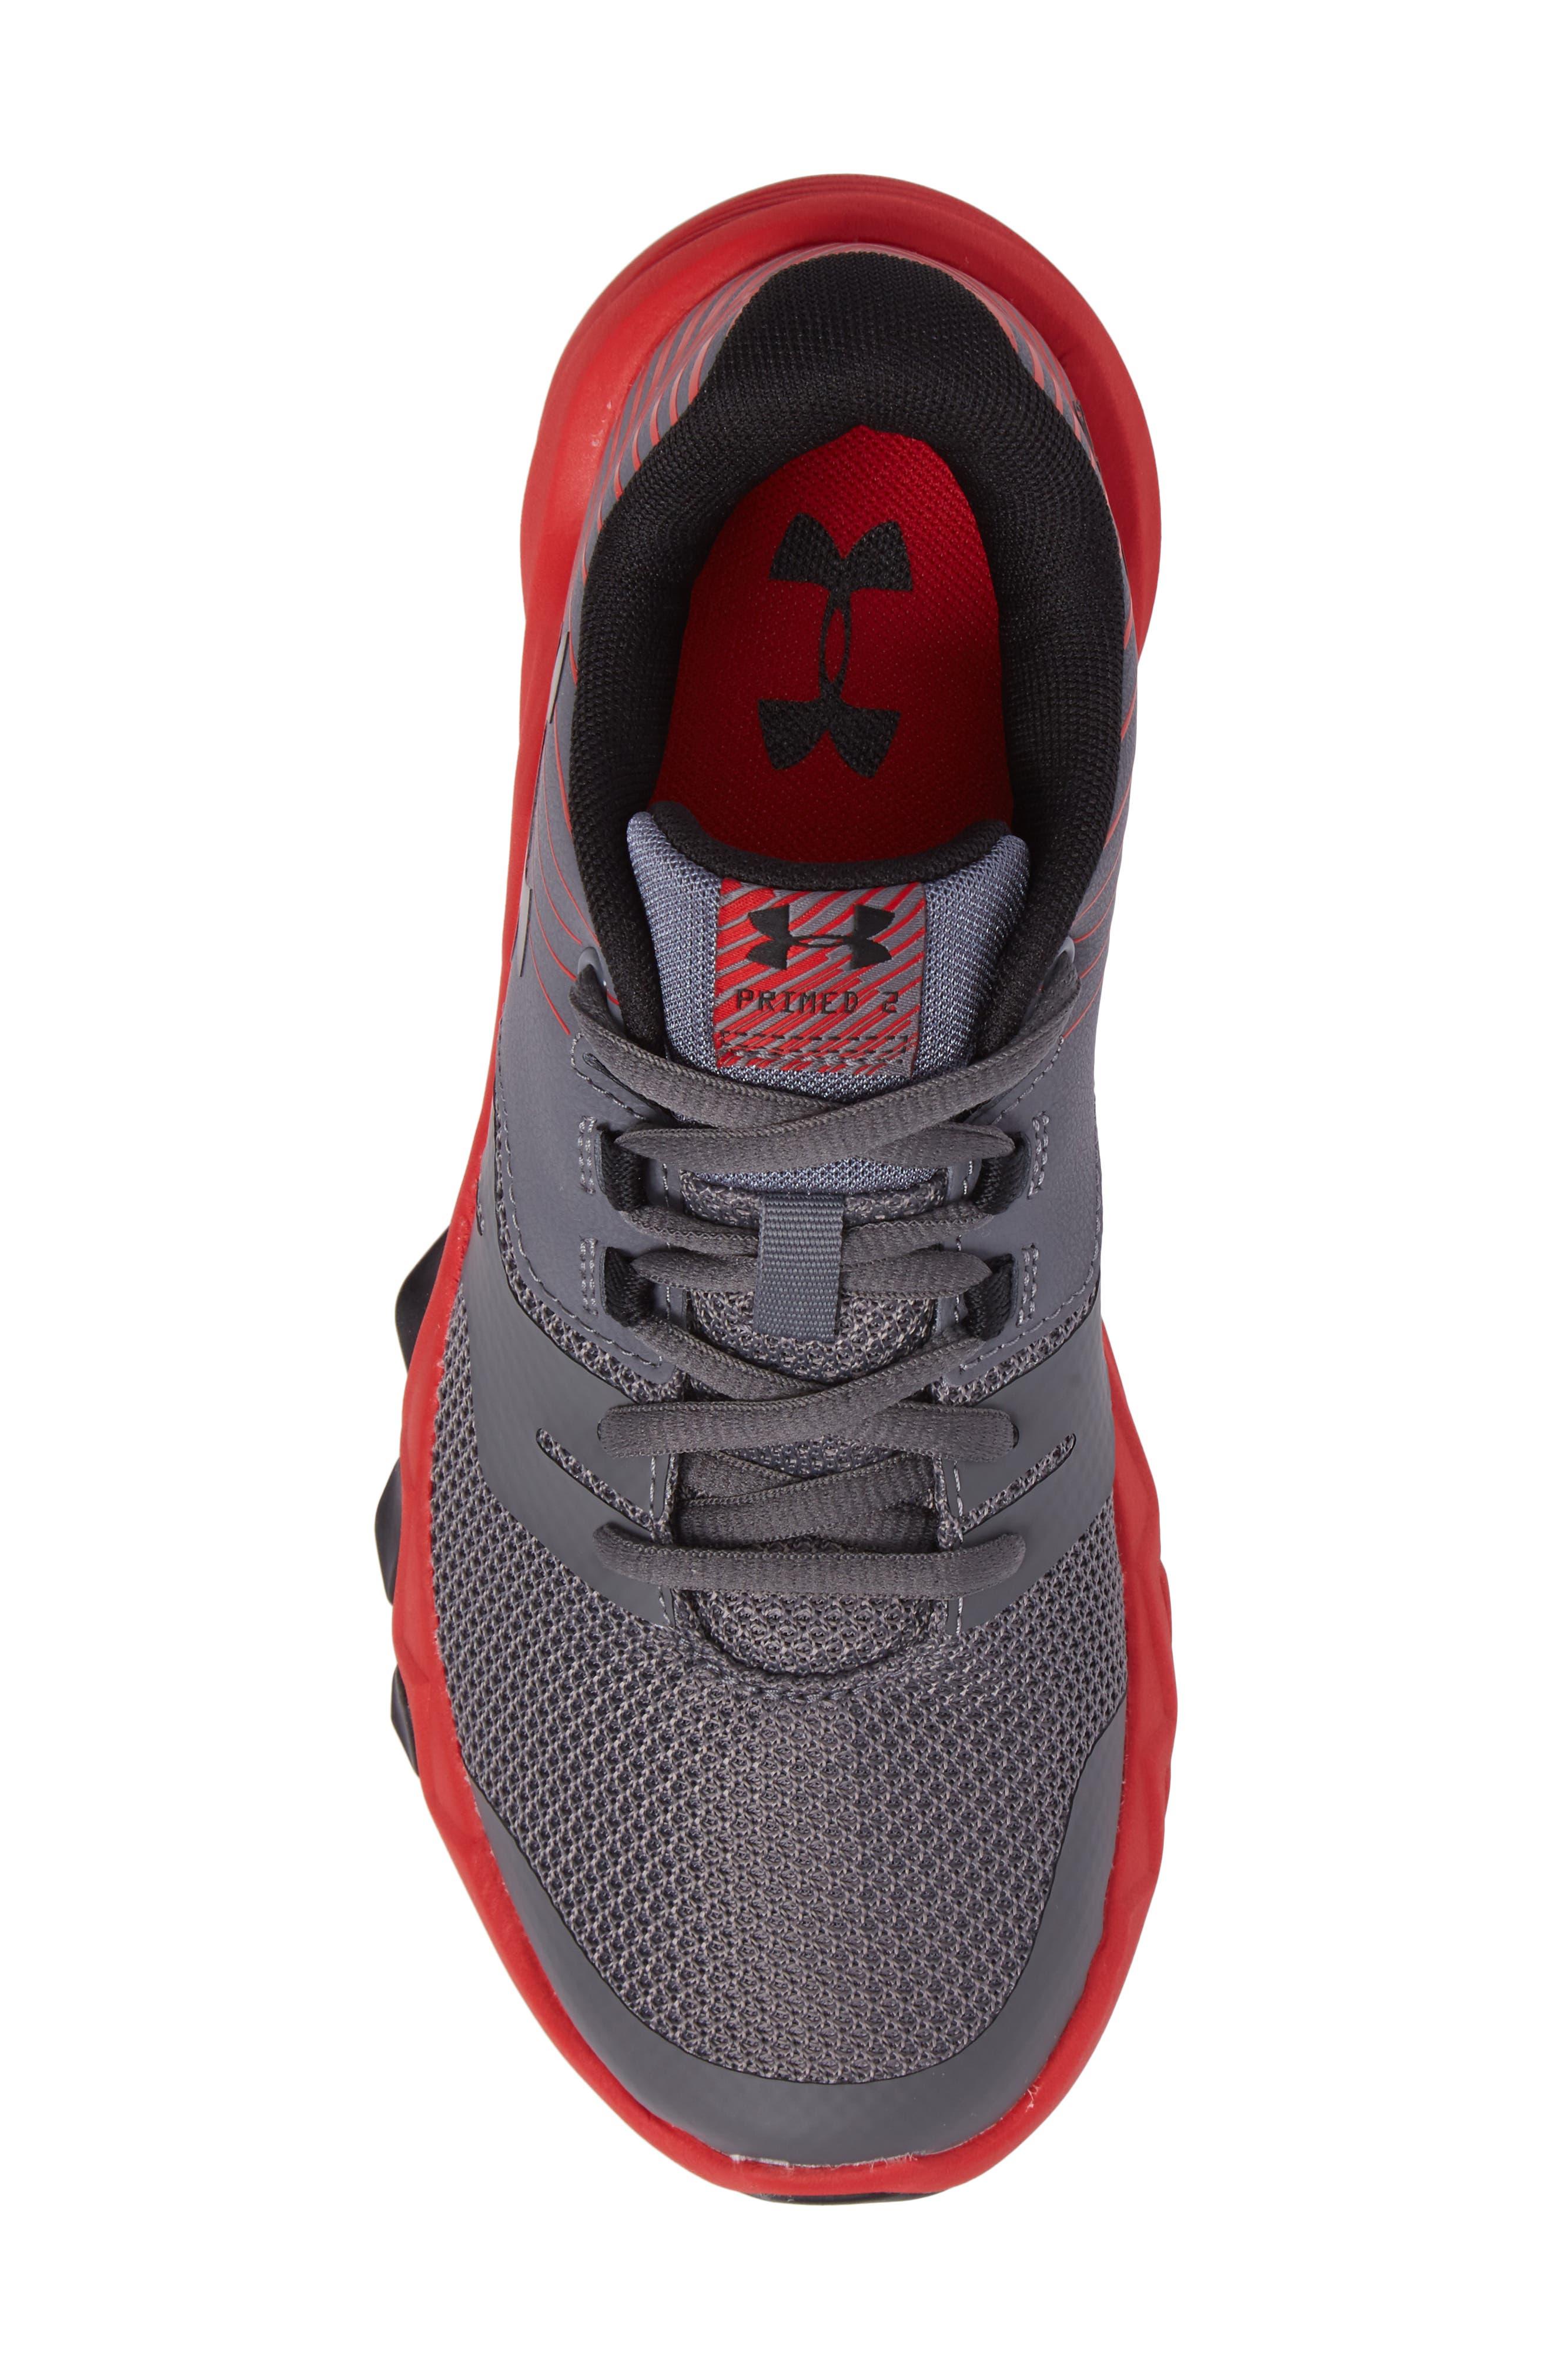 Grade School Primed 2 Running Shoe,                             Alternate thumbnail 5, color,                             Graphite/ Red/ Black